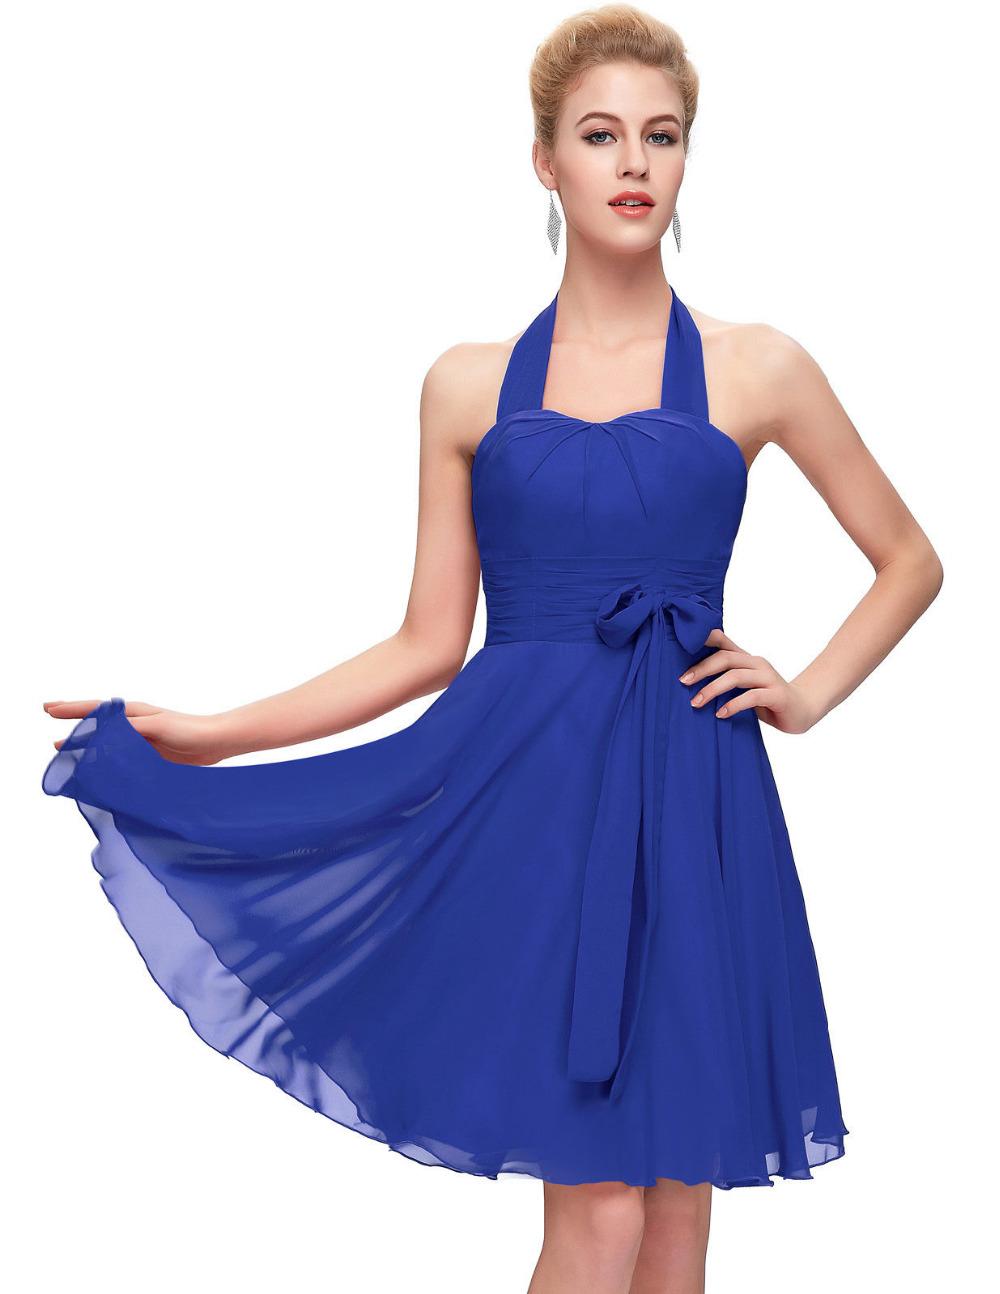 Vestidos де Coctel Короткие Коктейльные Платья 2017 Пром Платье Sexy холтер Шеи Красный Синий Фиолетовый Коктейль Платье для Девочек 2290